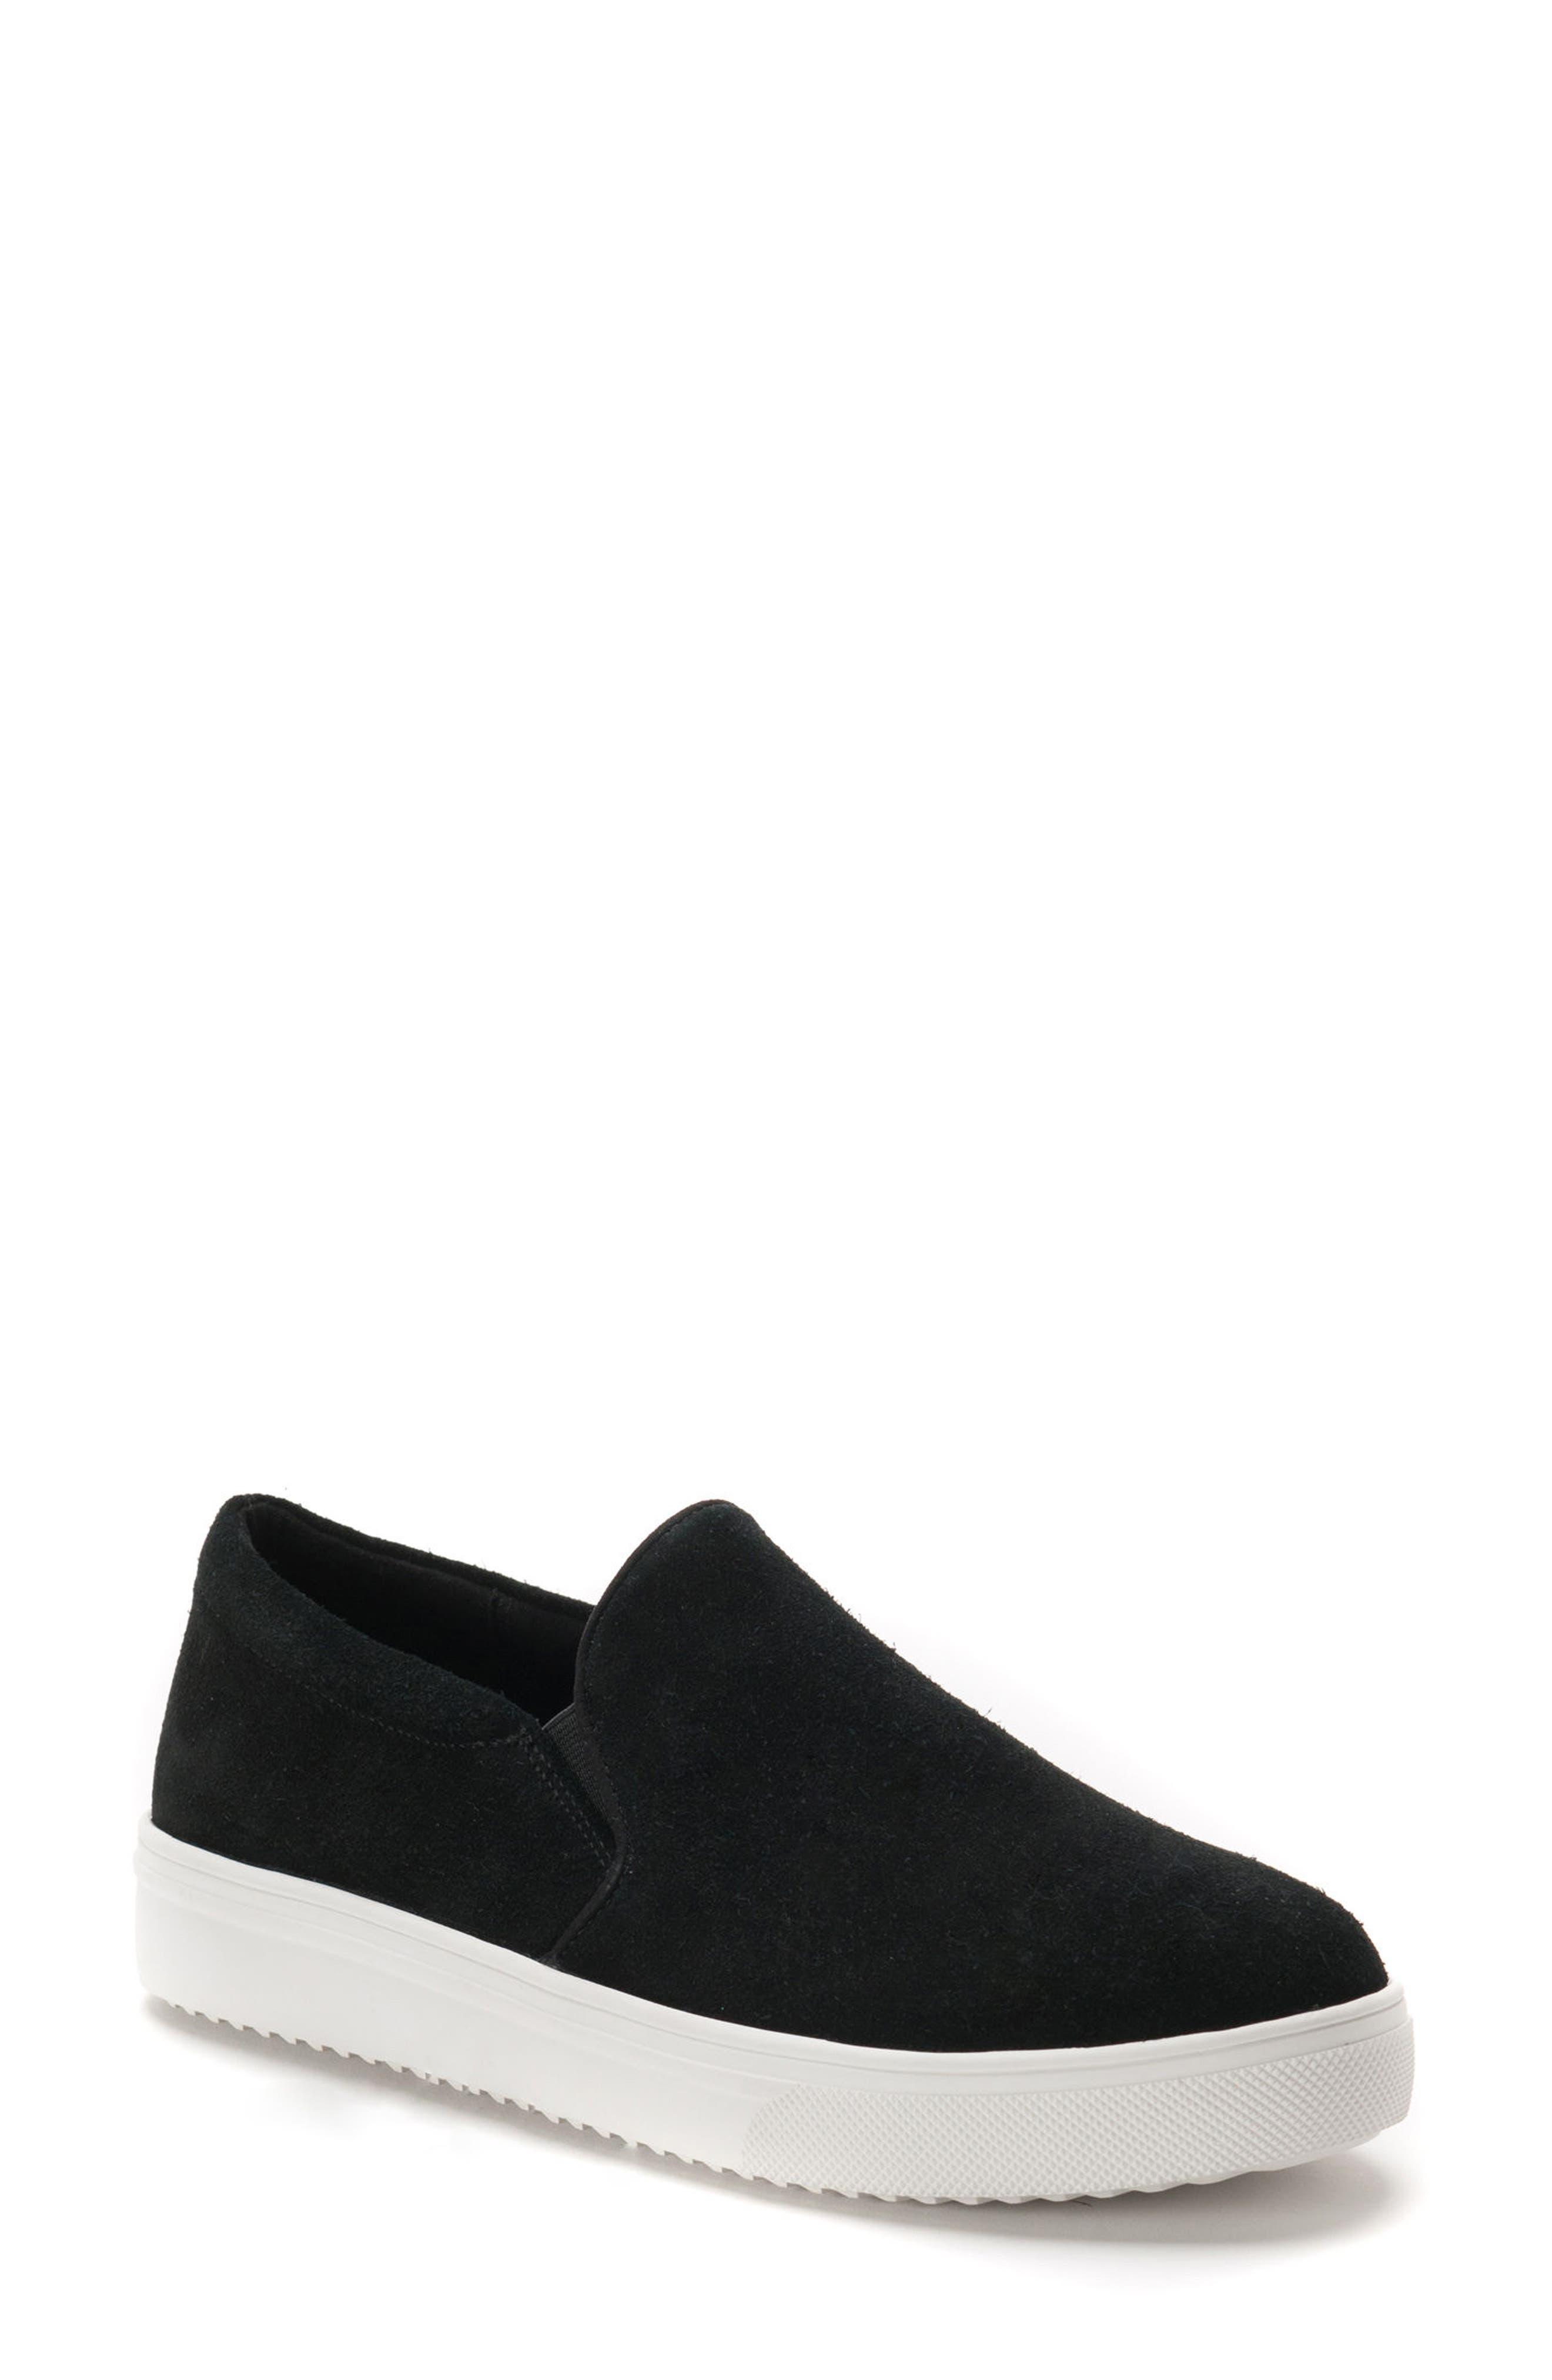 Blondo Gracie Waterproof Slip-On Sneaker- Black